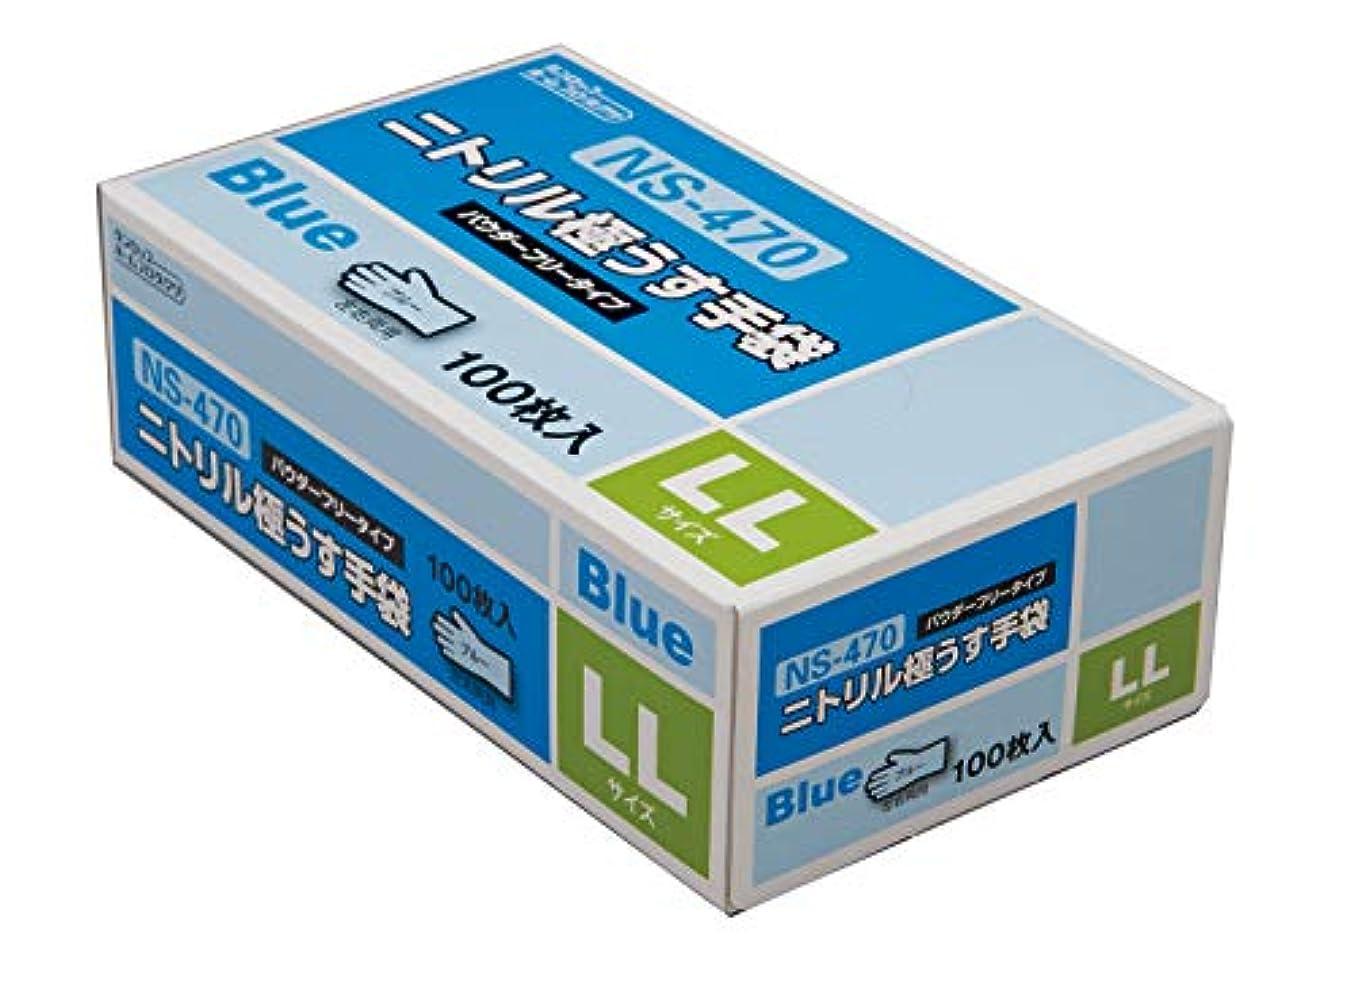 署名チャームどこニトリル極うす手袋 NS-470 06745(LL)ブルー100マイイリ ダンロップホームプロダクツ